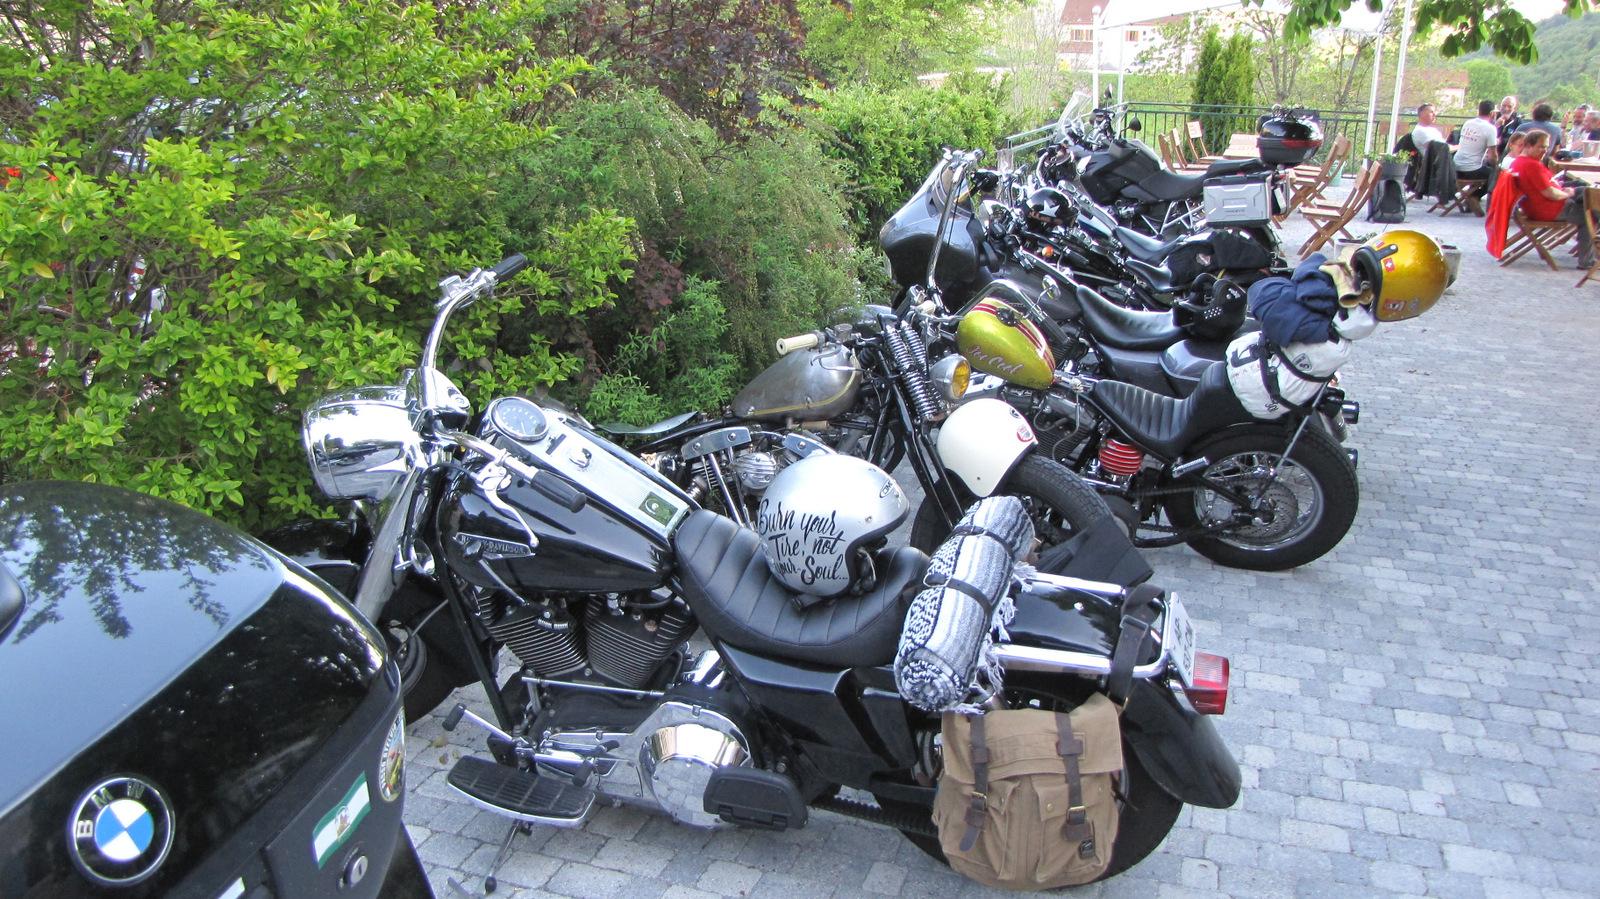 un autre groupe de motards ...